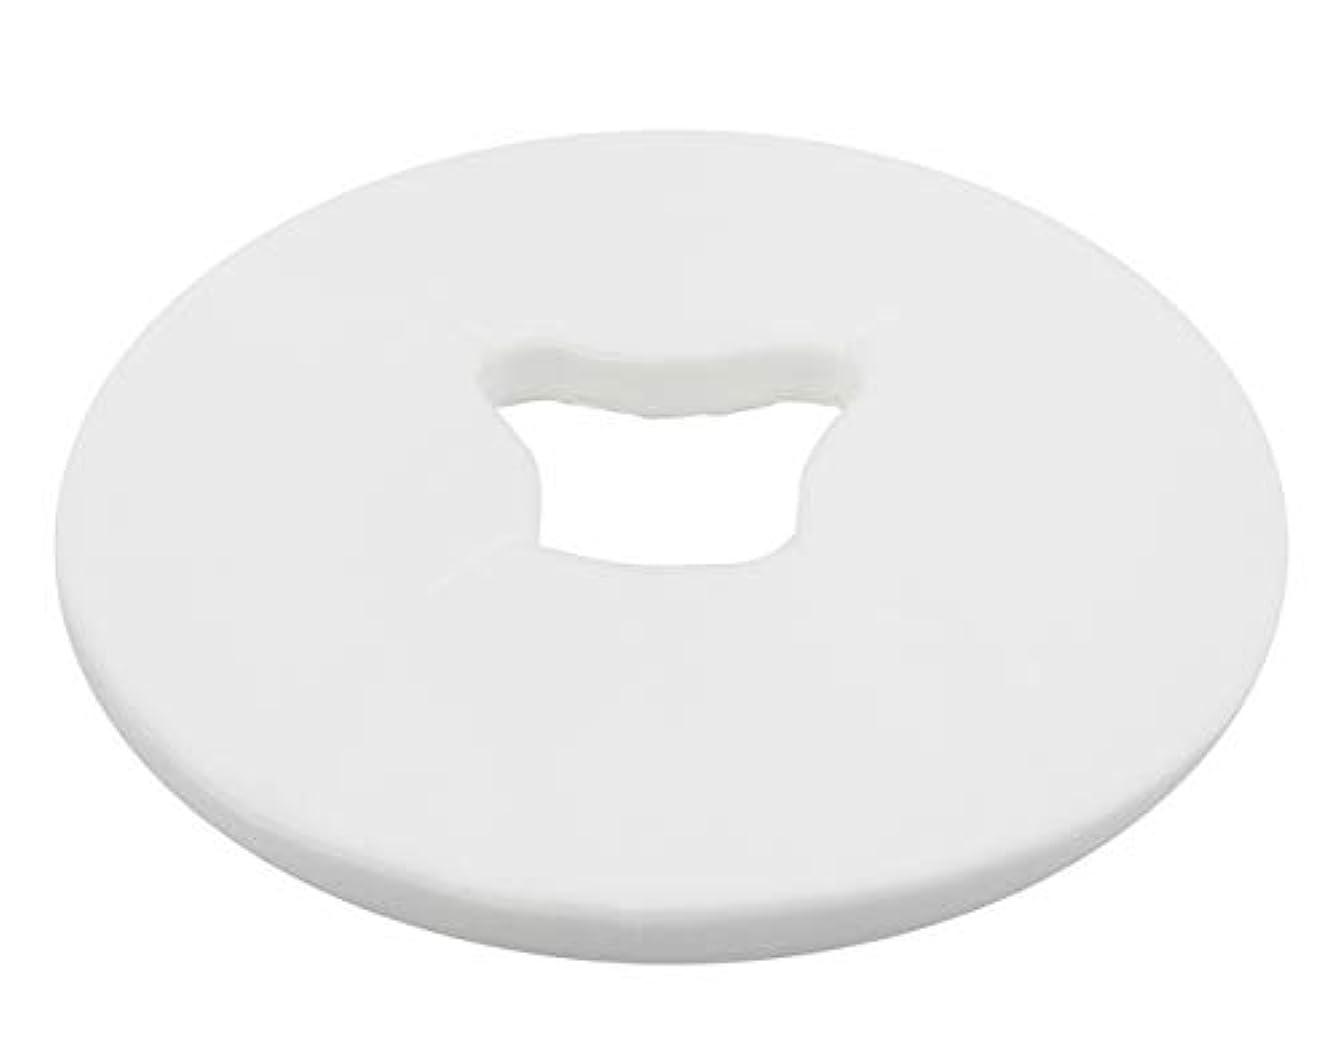 メタリック同一のベルピローカバー 枕カバー フェイスシート 使い捨て (100枚入)28*29.5cm【選べる2色!】(ホワイト)